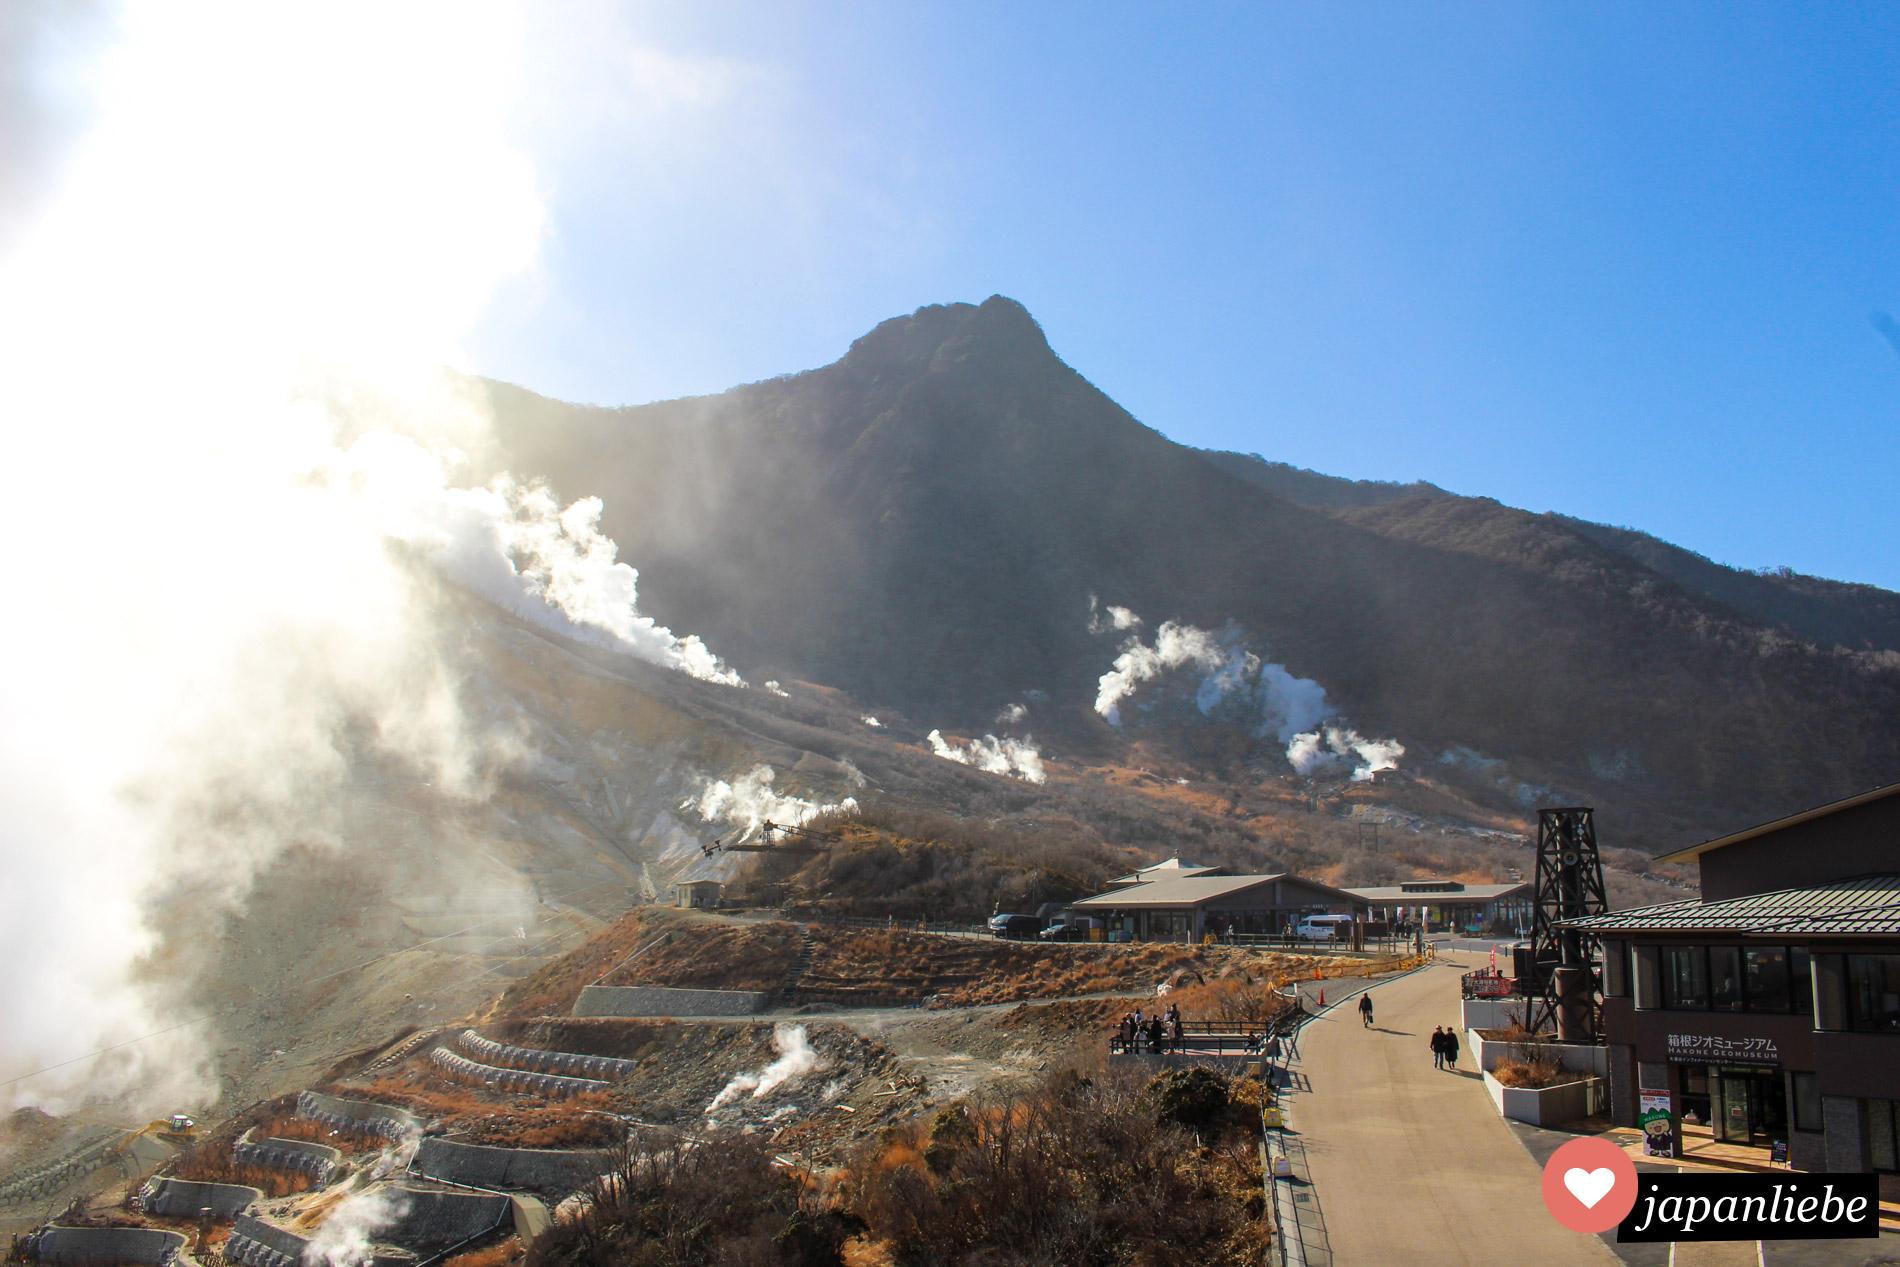 Schwefeldämpfe steigen über dem Owakudani Tal in Hakone auf. Manchmal so viele, dass die Seilbahn dorthin für einige Zeit außer Betrieb bleibt.